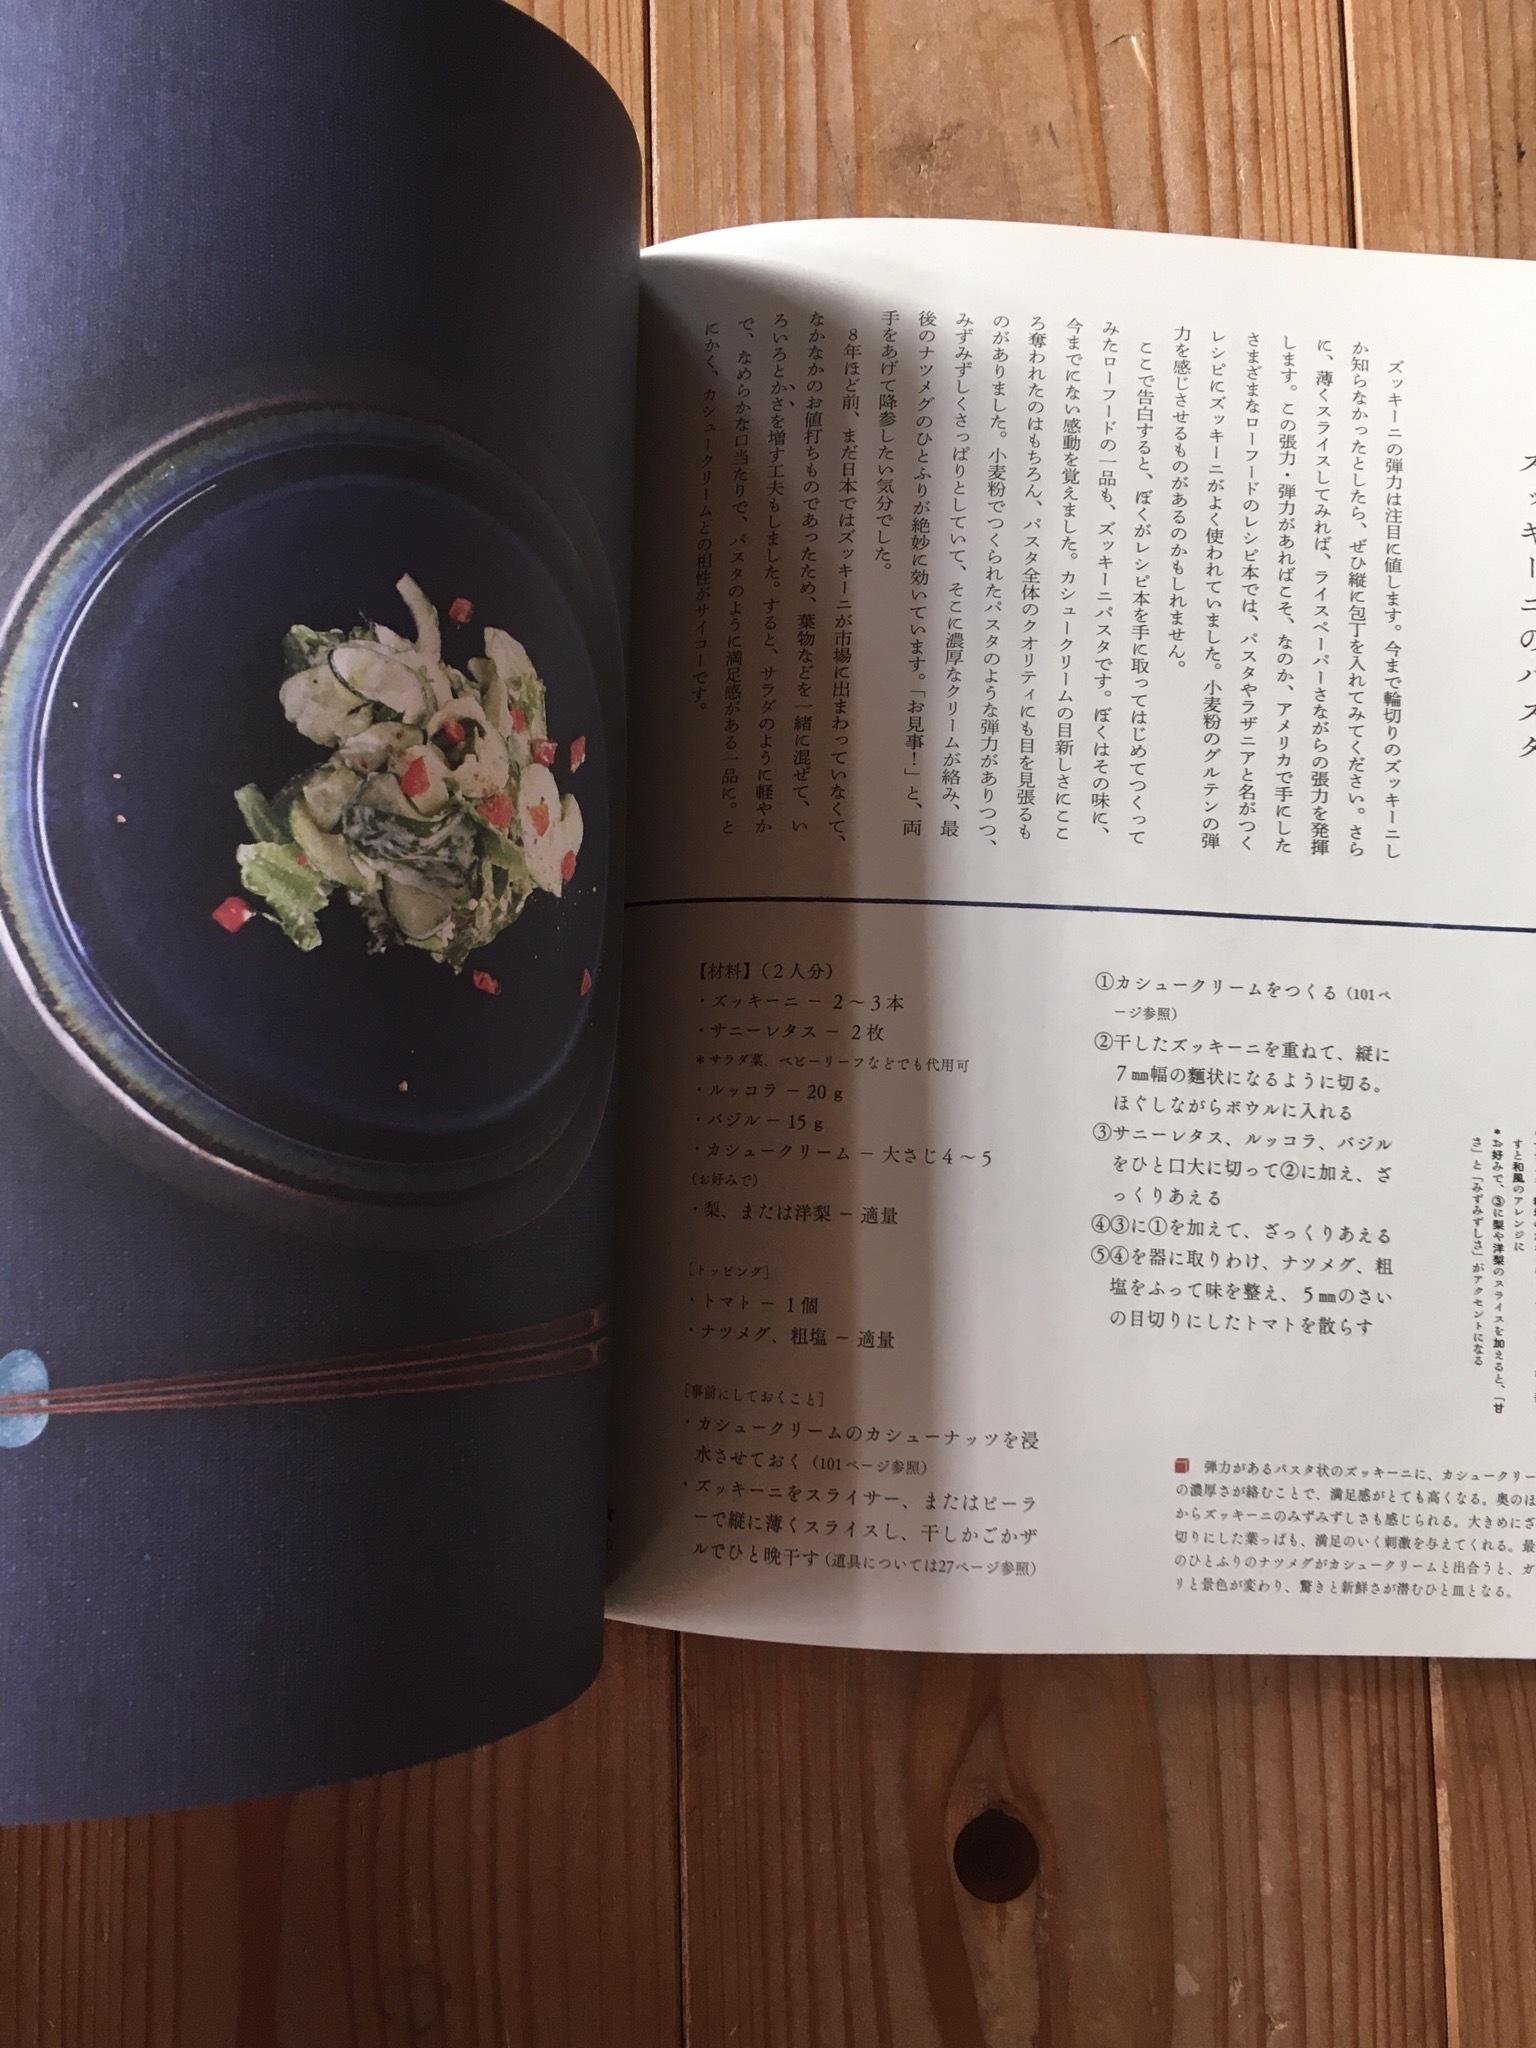 ささたくや サラダの本 - 画像3